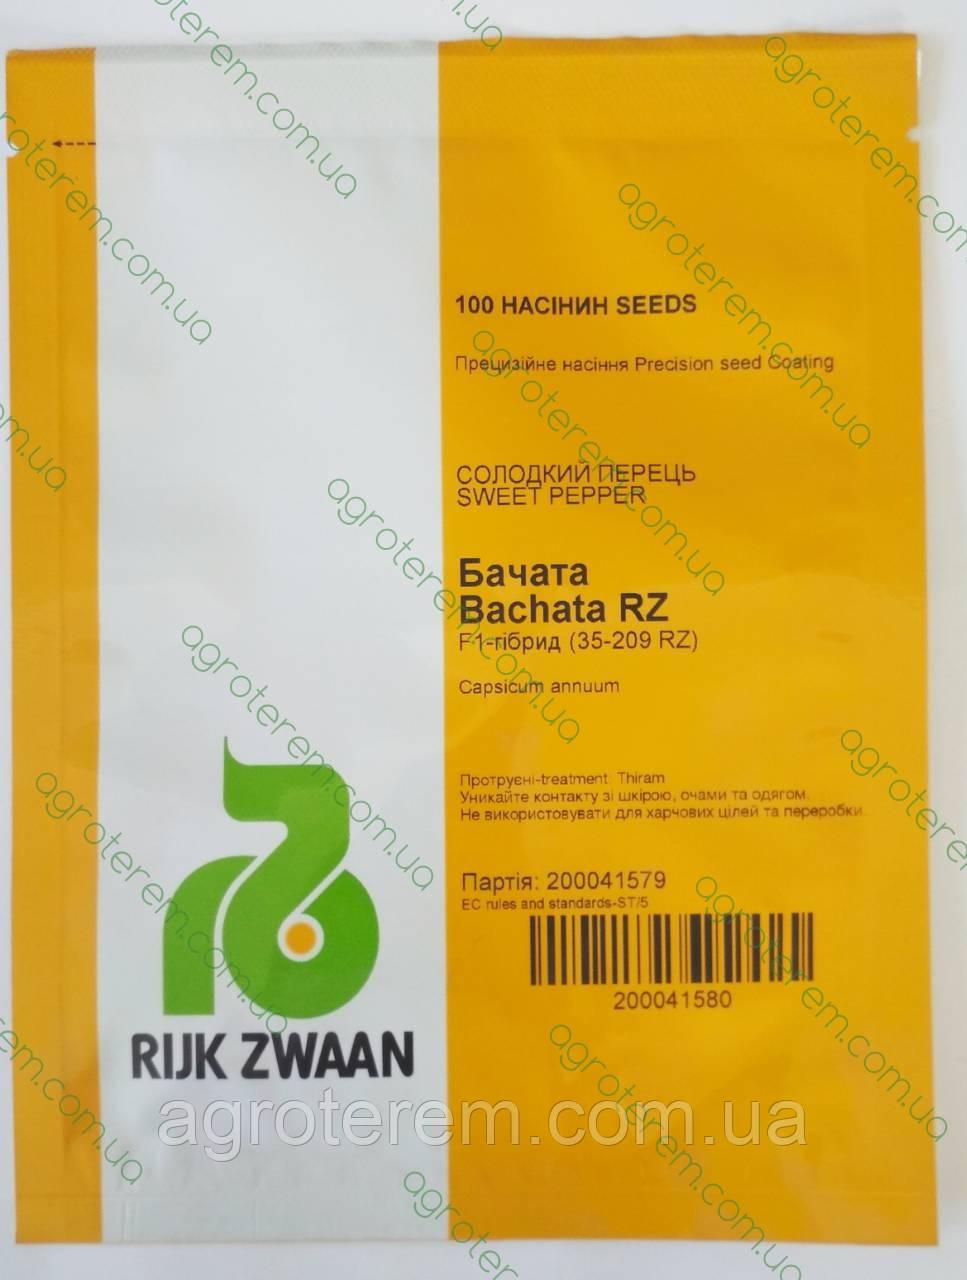 Семена перца Бачата BACHATA F1 100 с